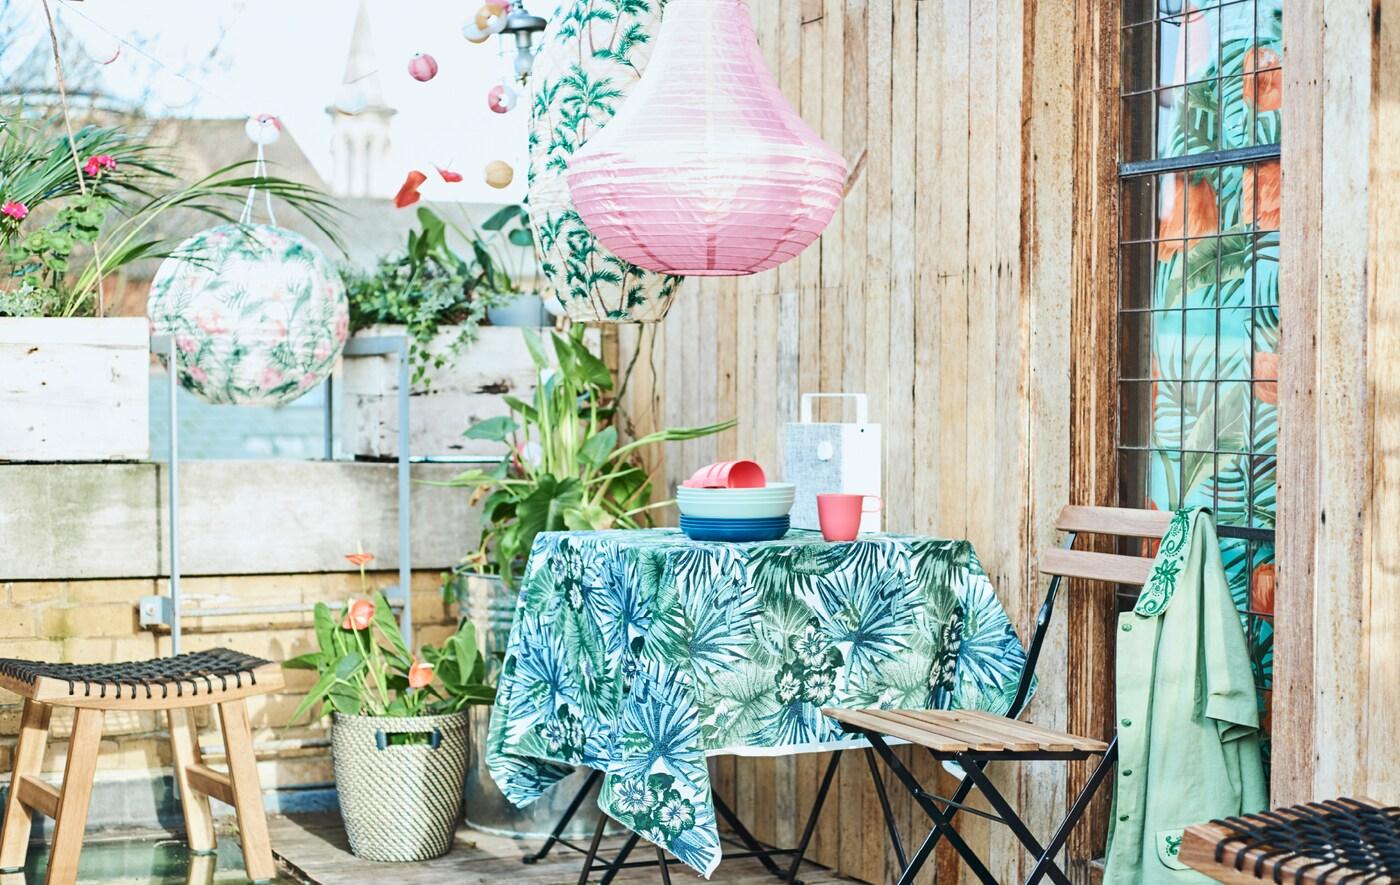 Um terraço urbano com uma mesa de exterior coberta com uma toalha com estampado de flores, cadeiras dobráveis, plantas em vasos e lanternas coloridas.